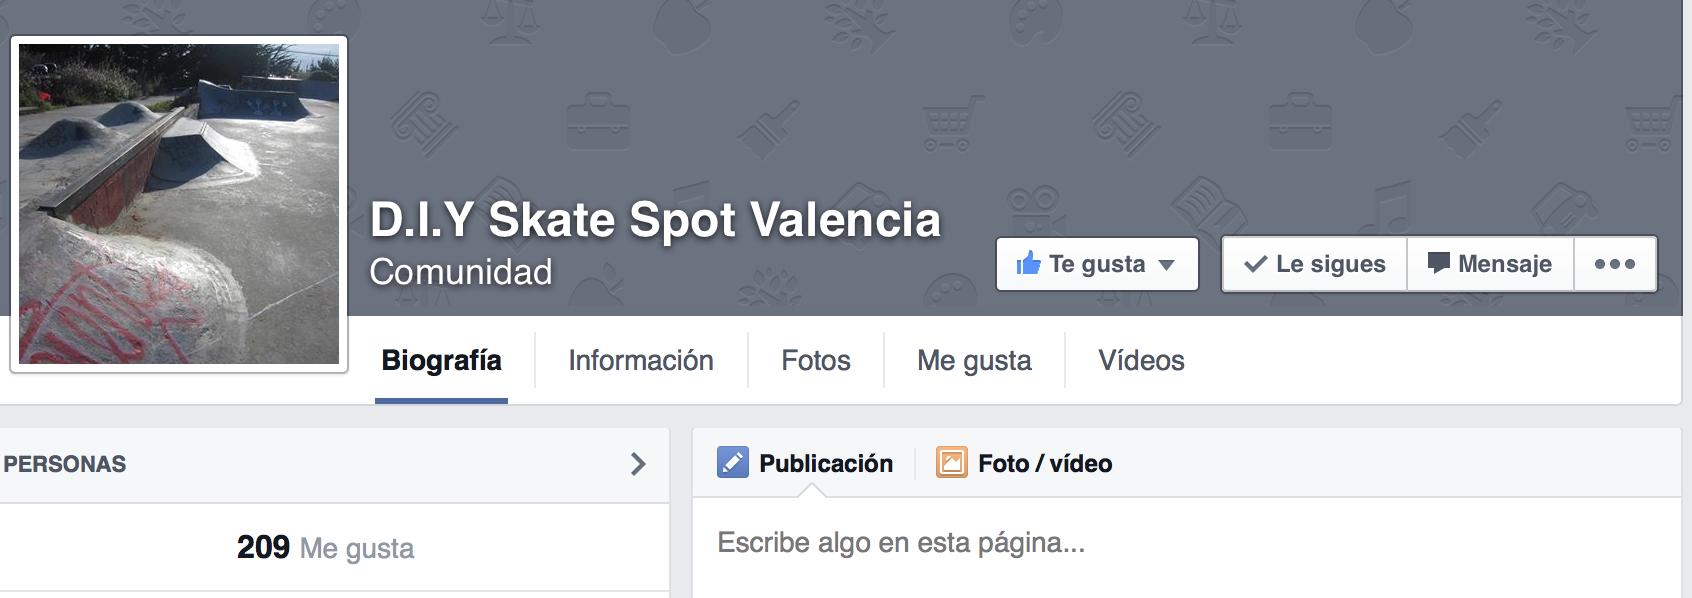 Quieres tener un nuevo skatepark en valencia pues hagmoslo entre foto pgina de facebook do it yourself valencia solutioingenieria Image collections